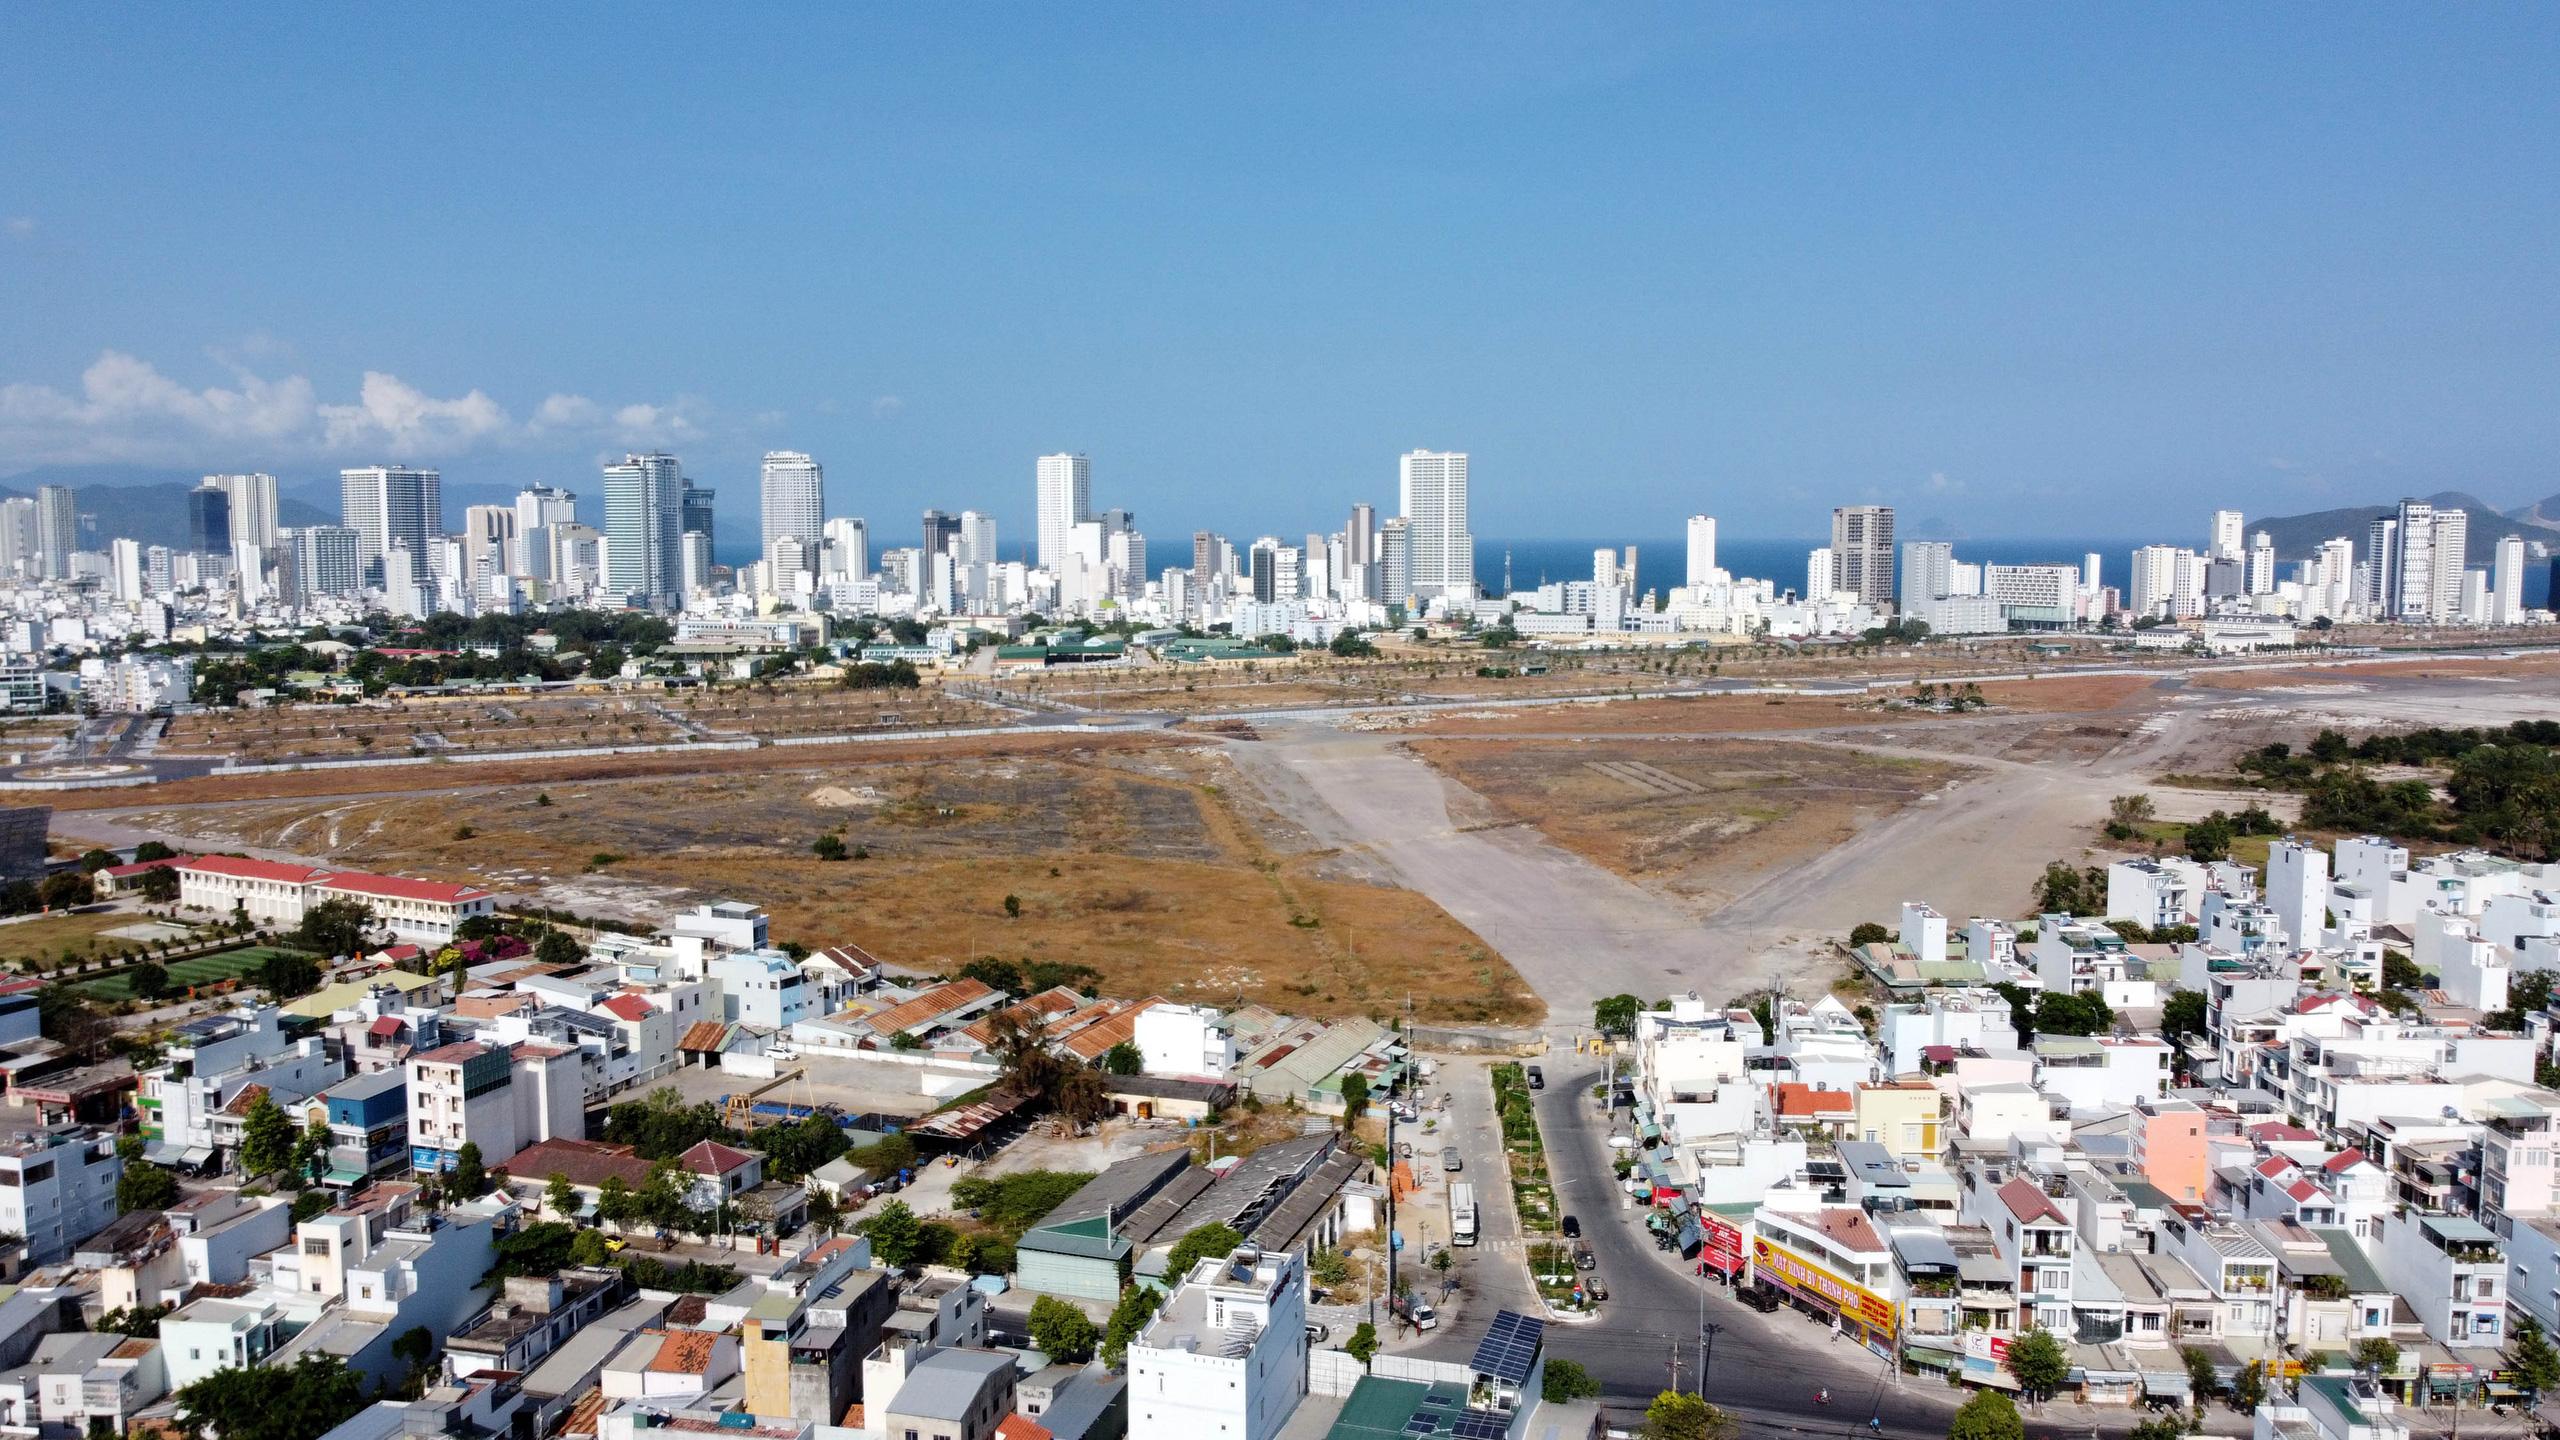 Cận cảnh khu đất sân bay Nha Trang cũ chuẩn bị đấu giá đất - Ảnh 14.